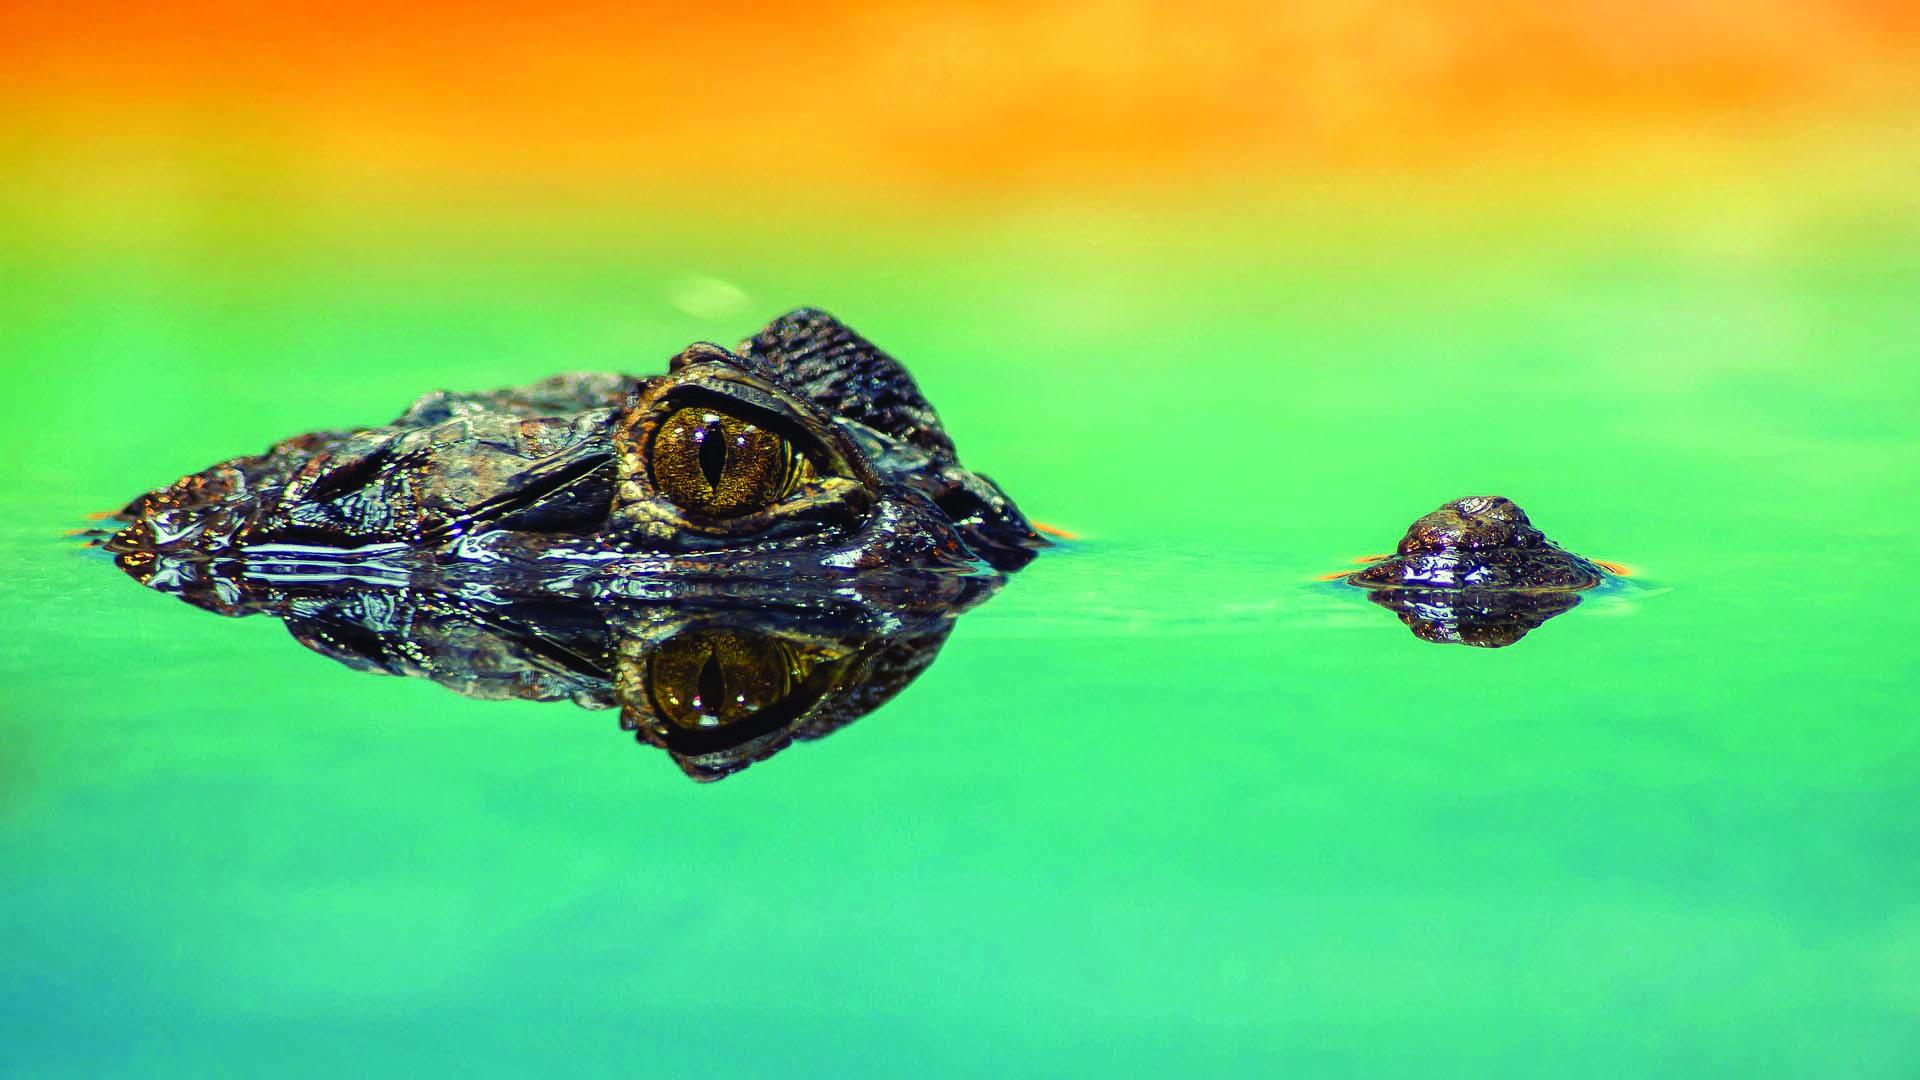 crocodile-1730510_1920